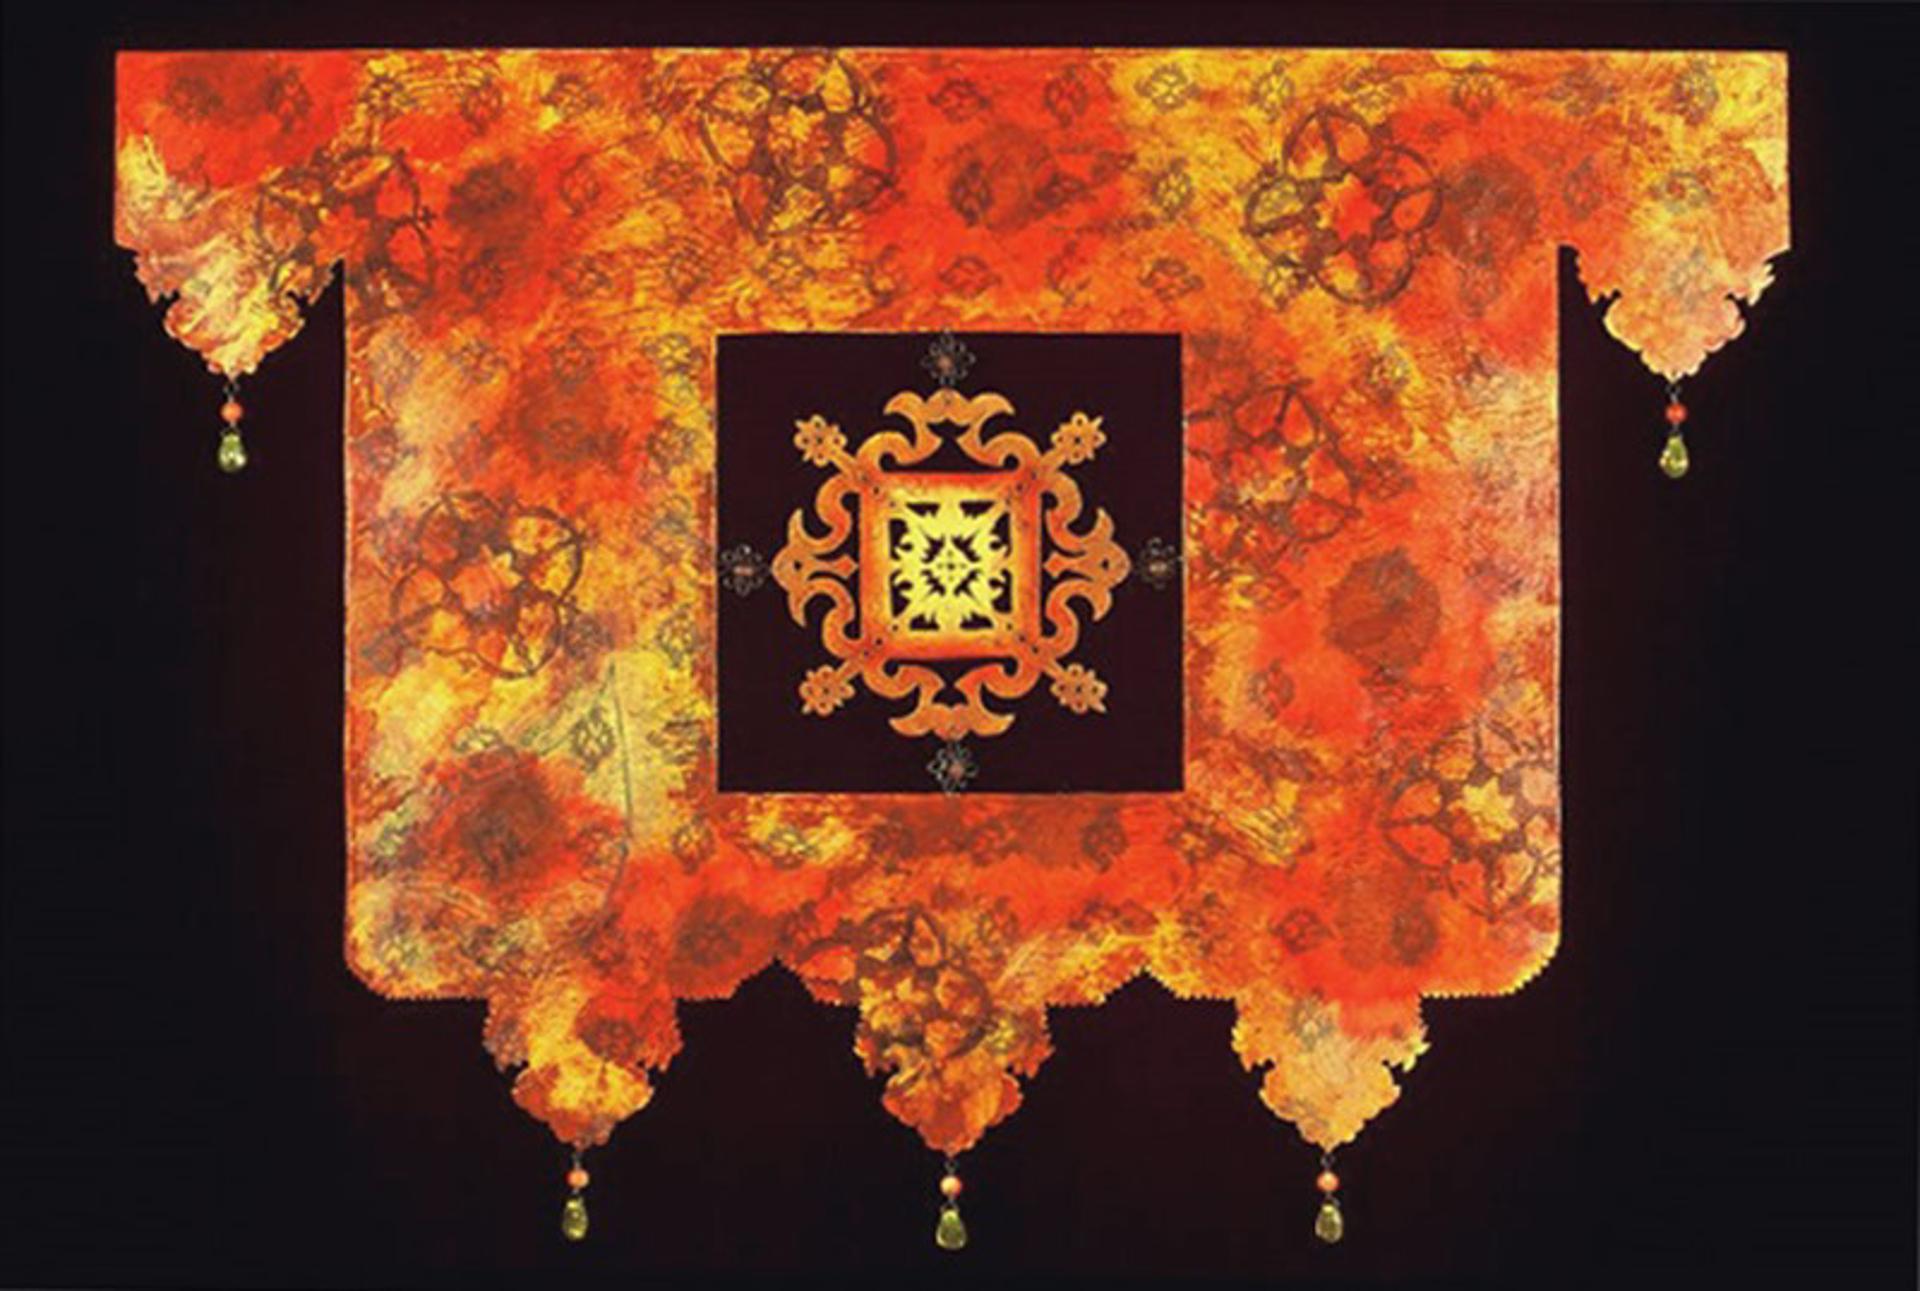 Bodhisattva's Curtain by June Sekiguchi